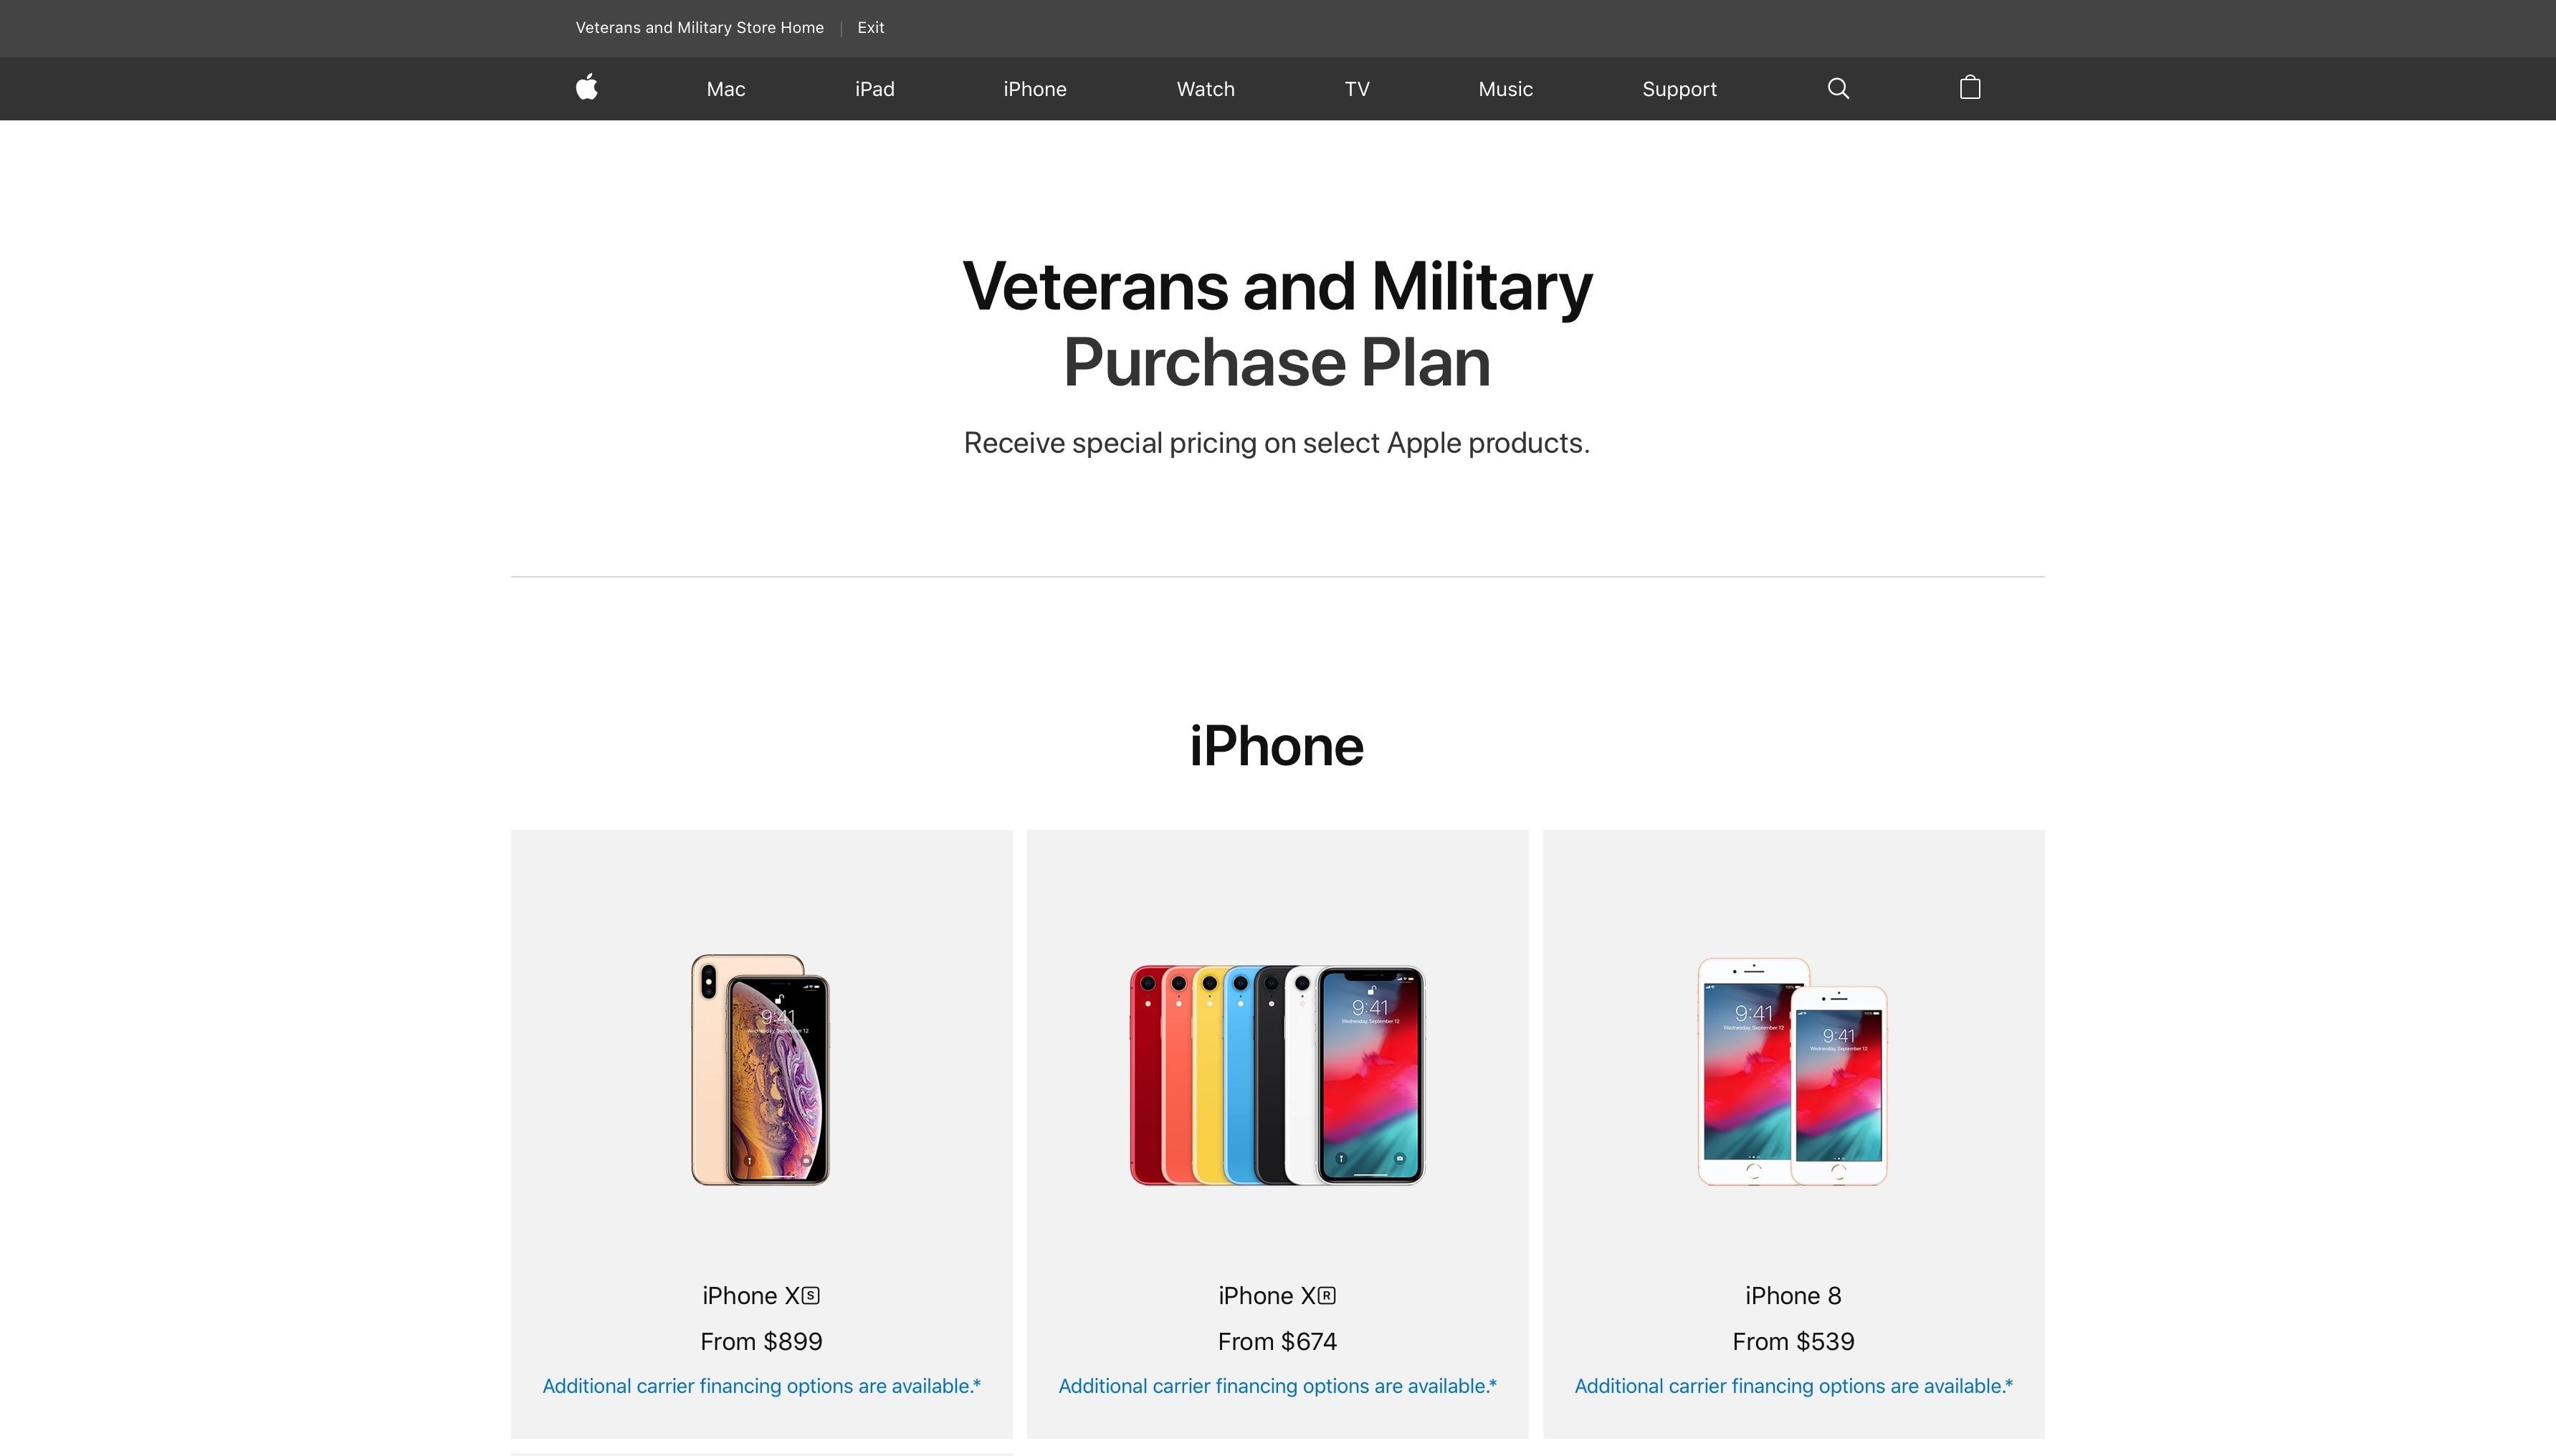 Loja online da Apple com desconto para militares e veteranos dos EUA